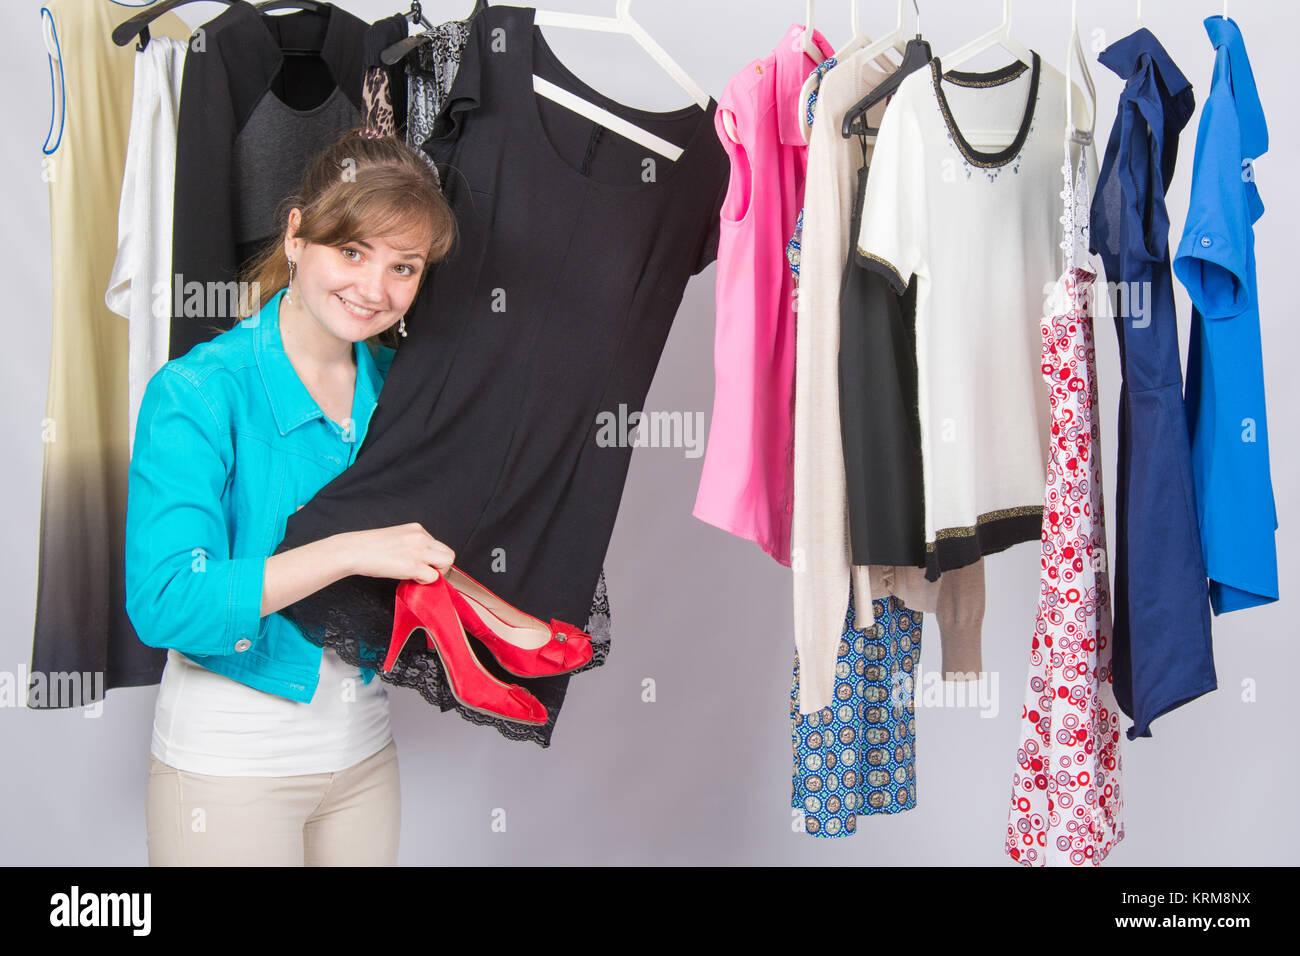 6faeb7a15c89 Una giovane ragazza prelevato il vestito di rosso le scarpe con i tacchi  alti premurosamente sceglie